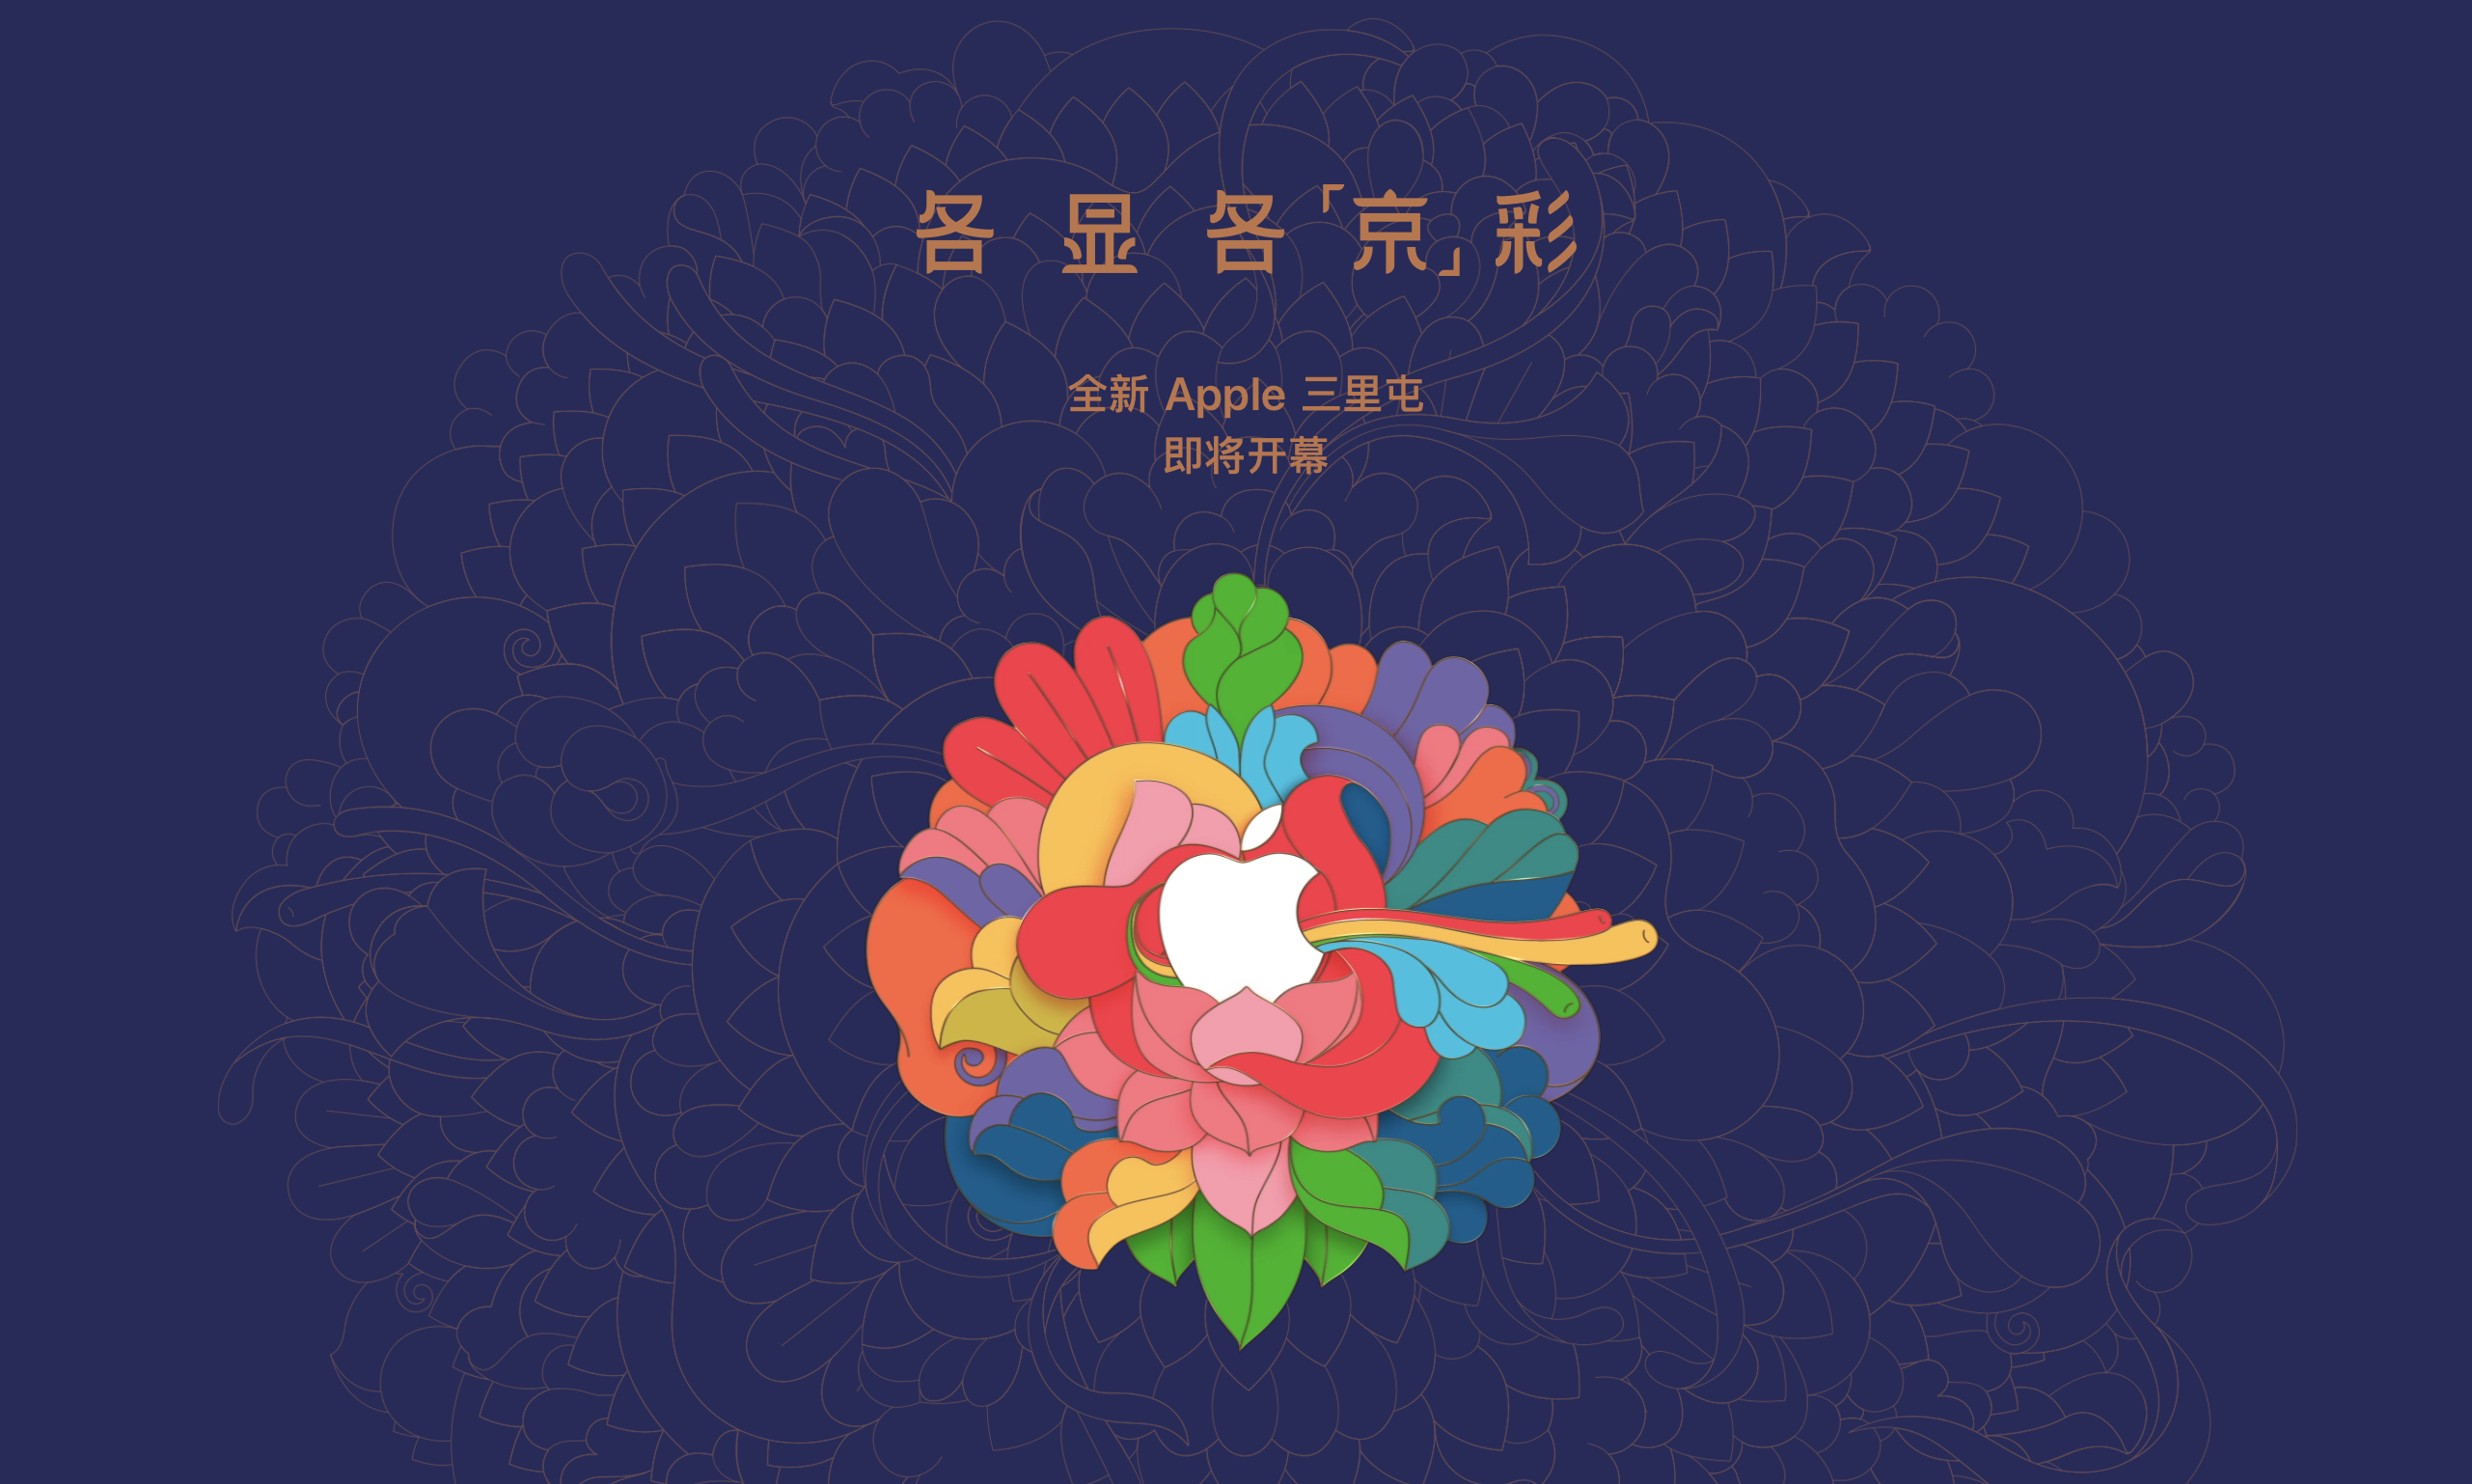 苹果北京三里屯新店即将开业,采用全新设计语言